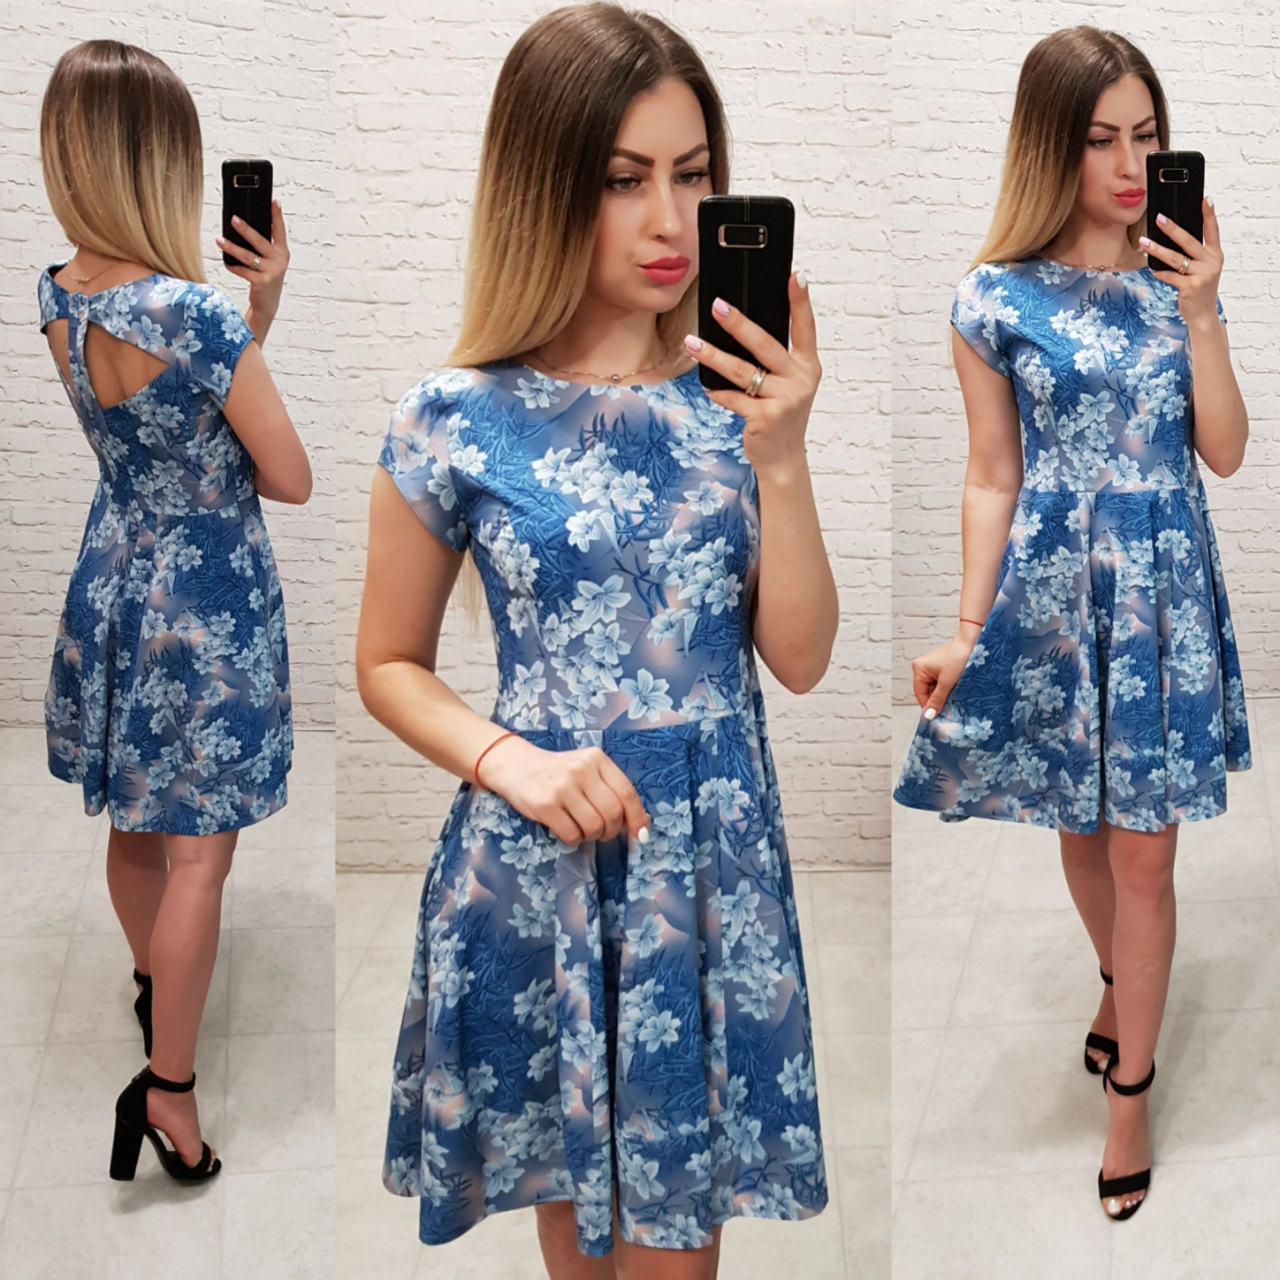 Сукня арт. З 19-01 з відкритою спинкою синє в квітковий принт